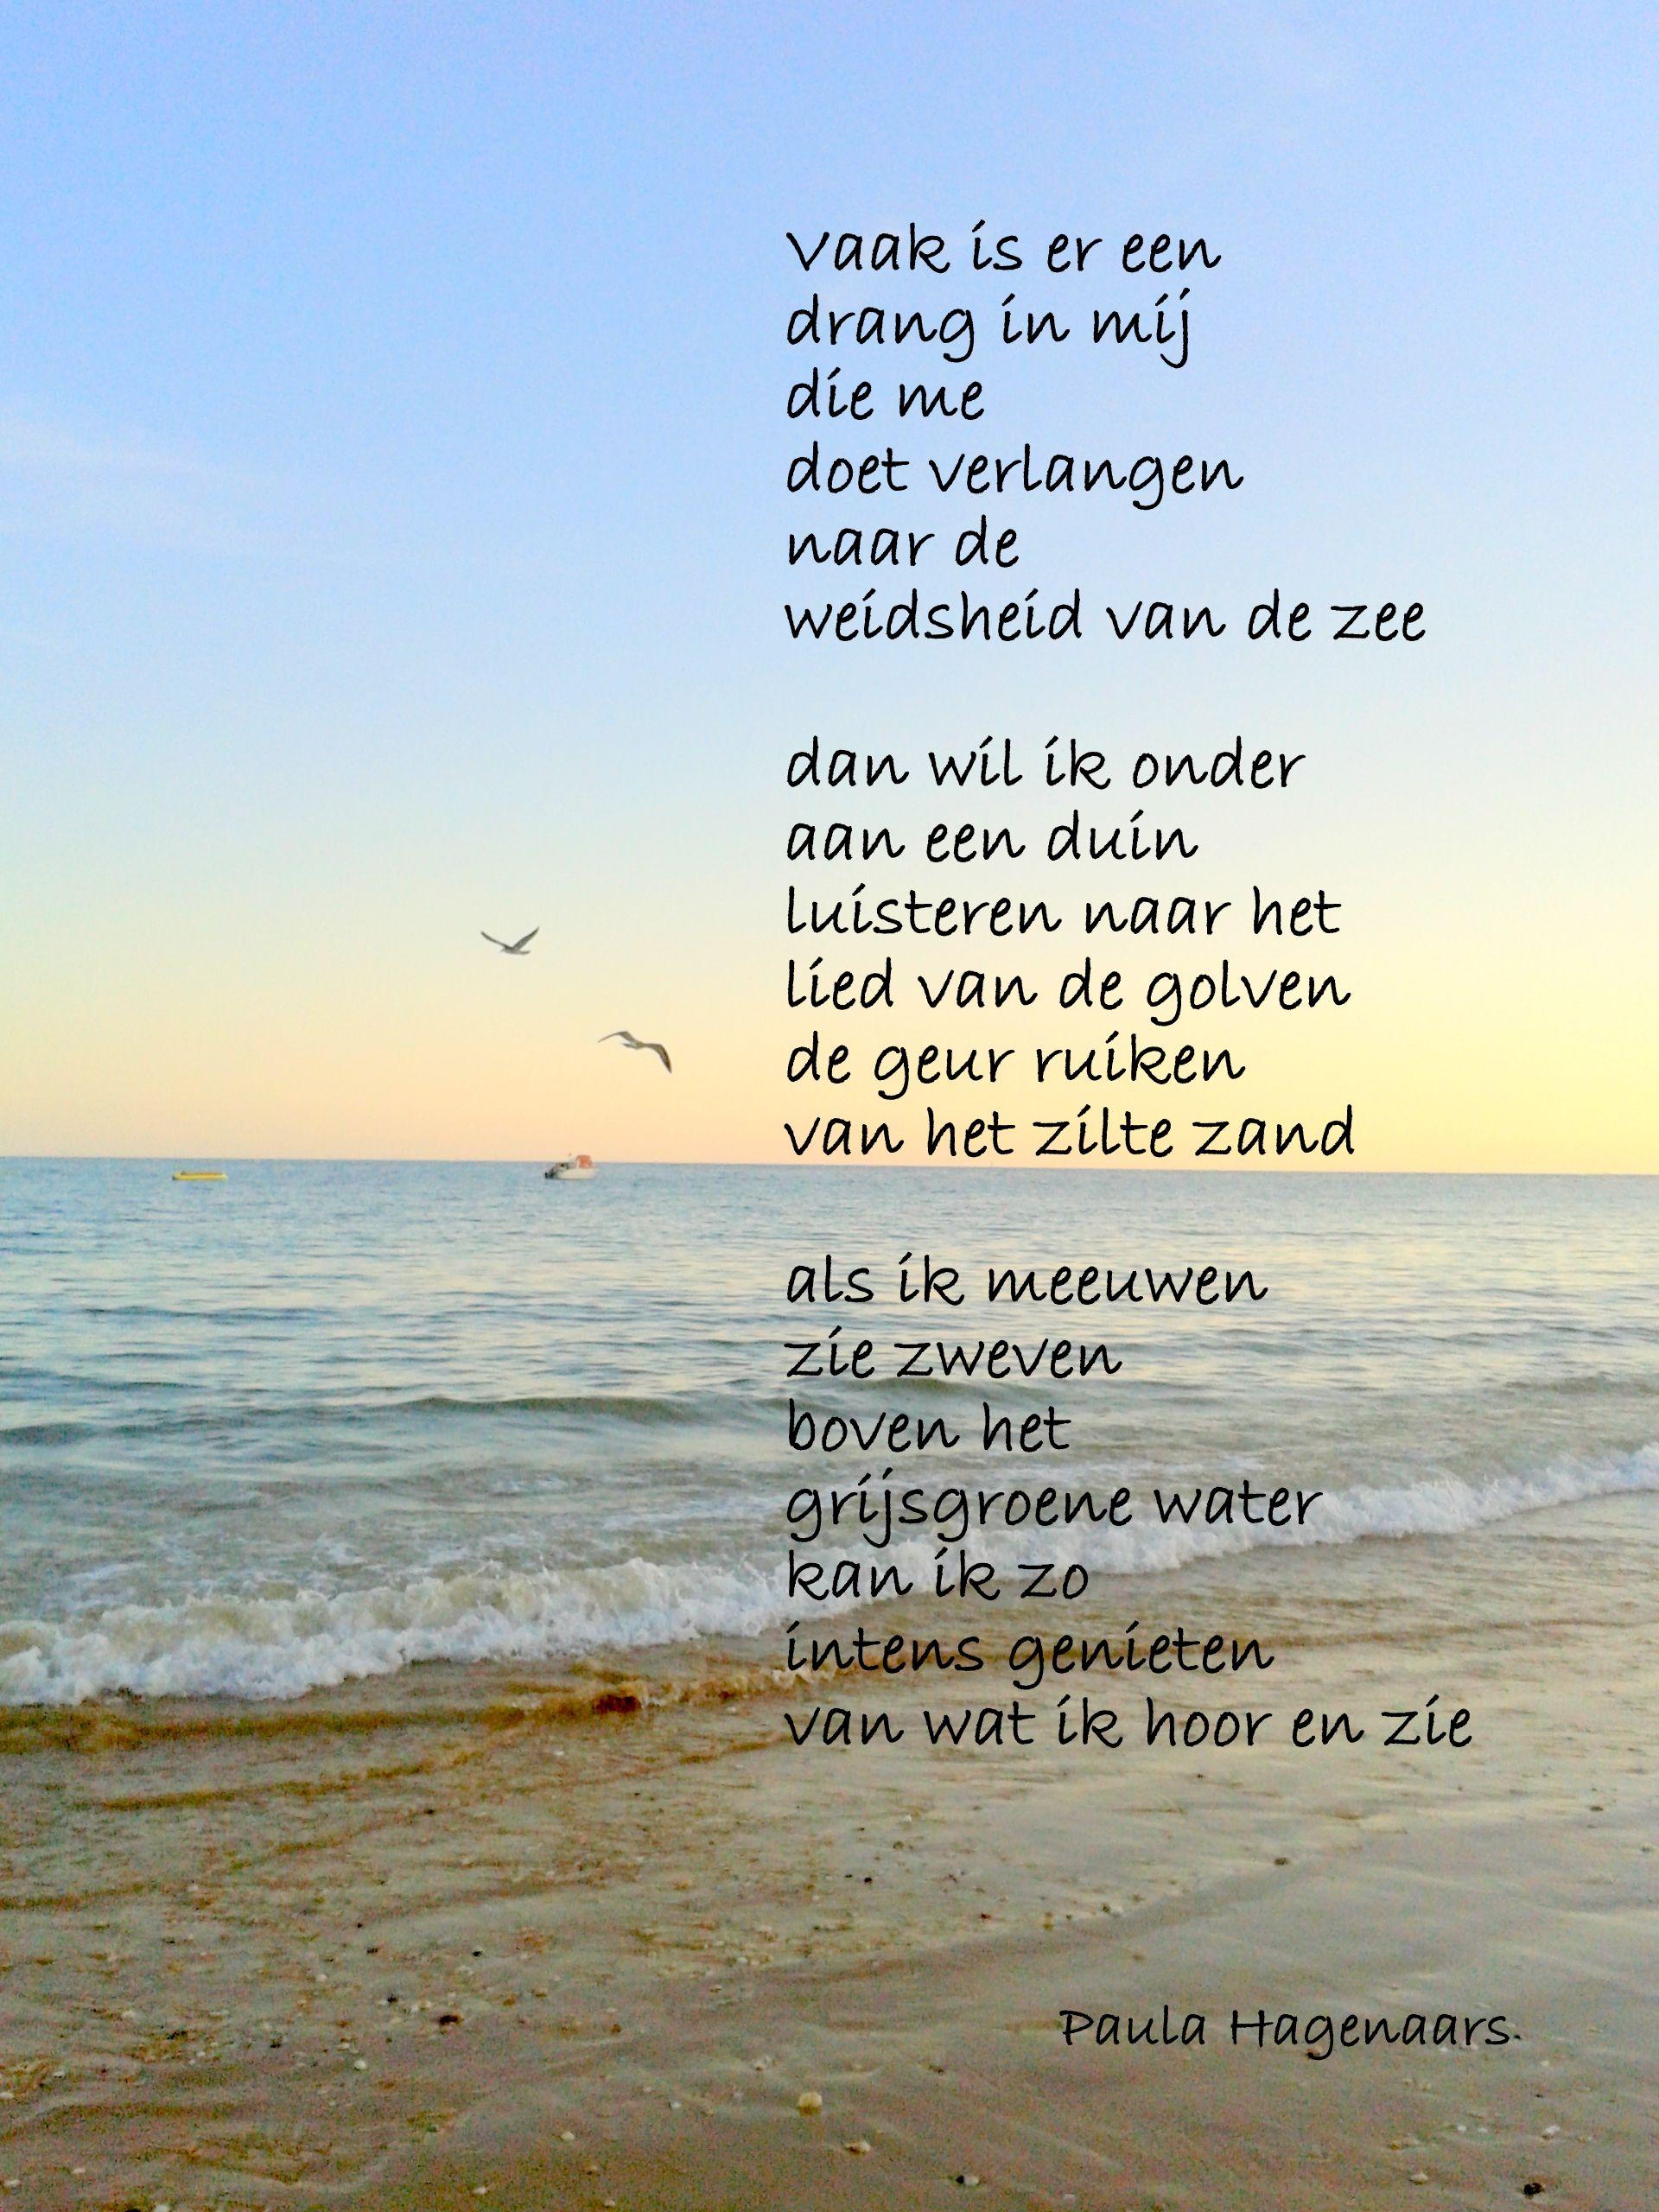 Citaten Over De Zee : Gedichten paula hagenaars mijn fotogedichten pinterest